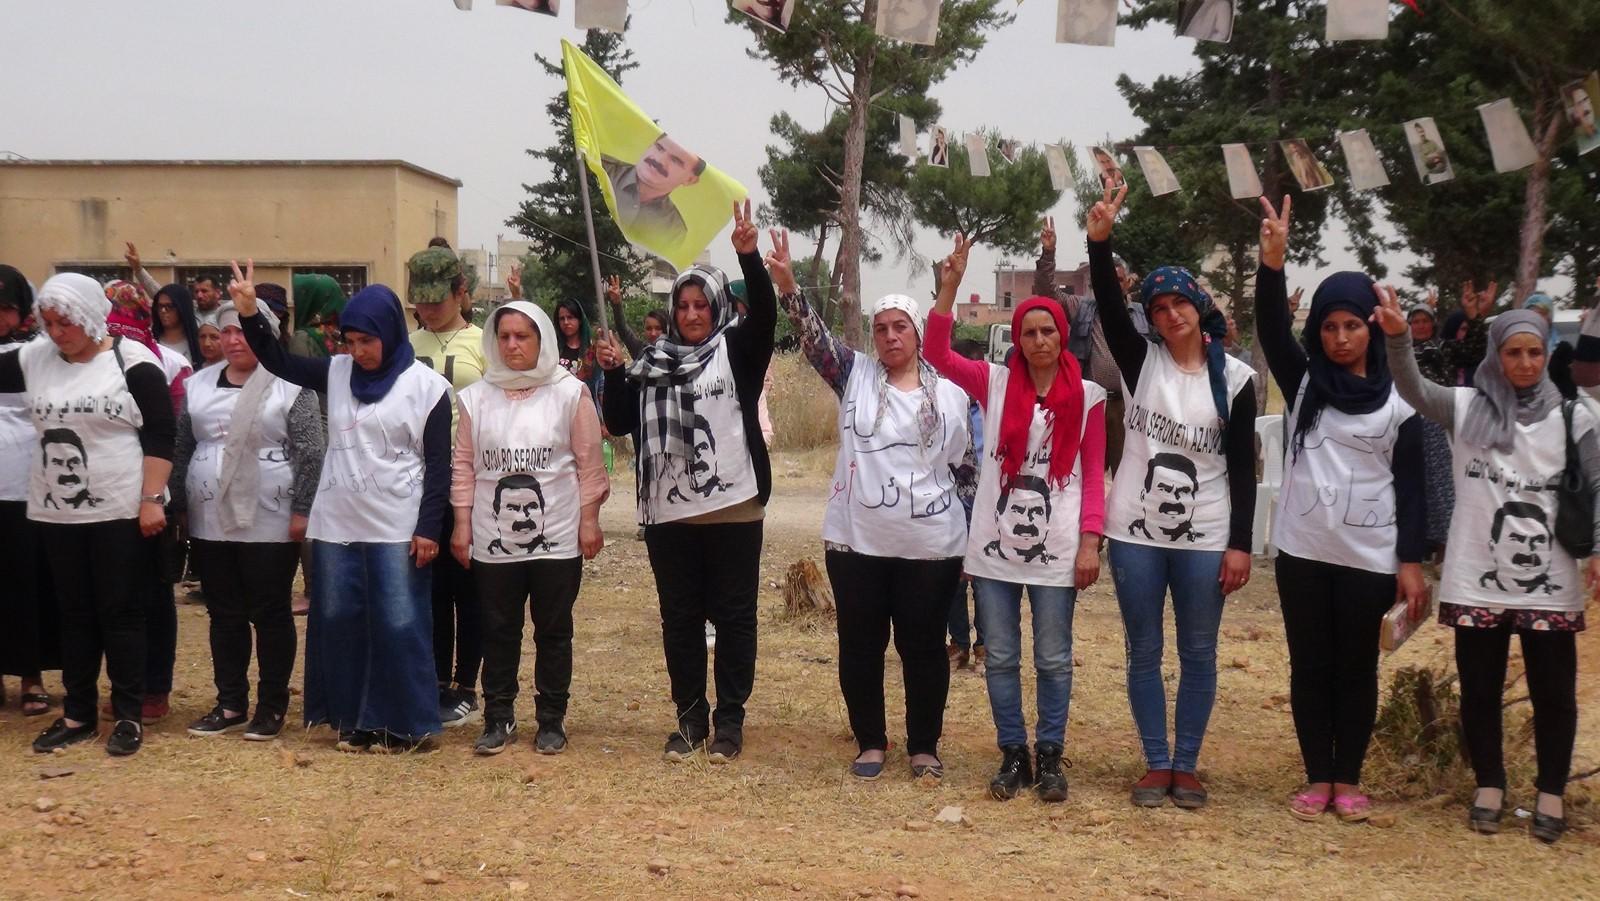 في اليوم التاسع من الاعتصام الأهالي يؤكدون دعمهم للمضربين